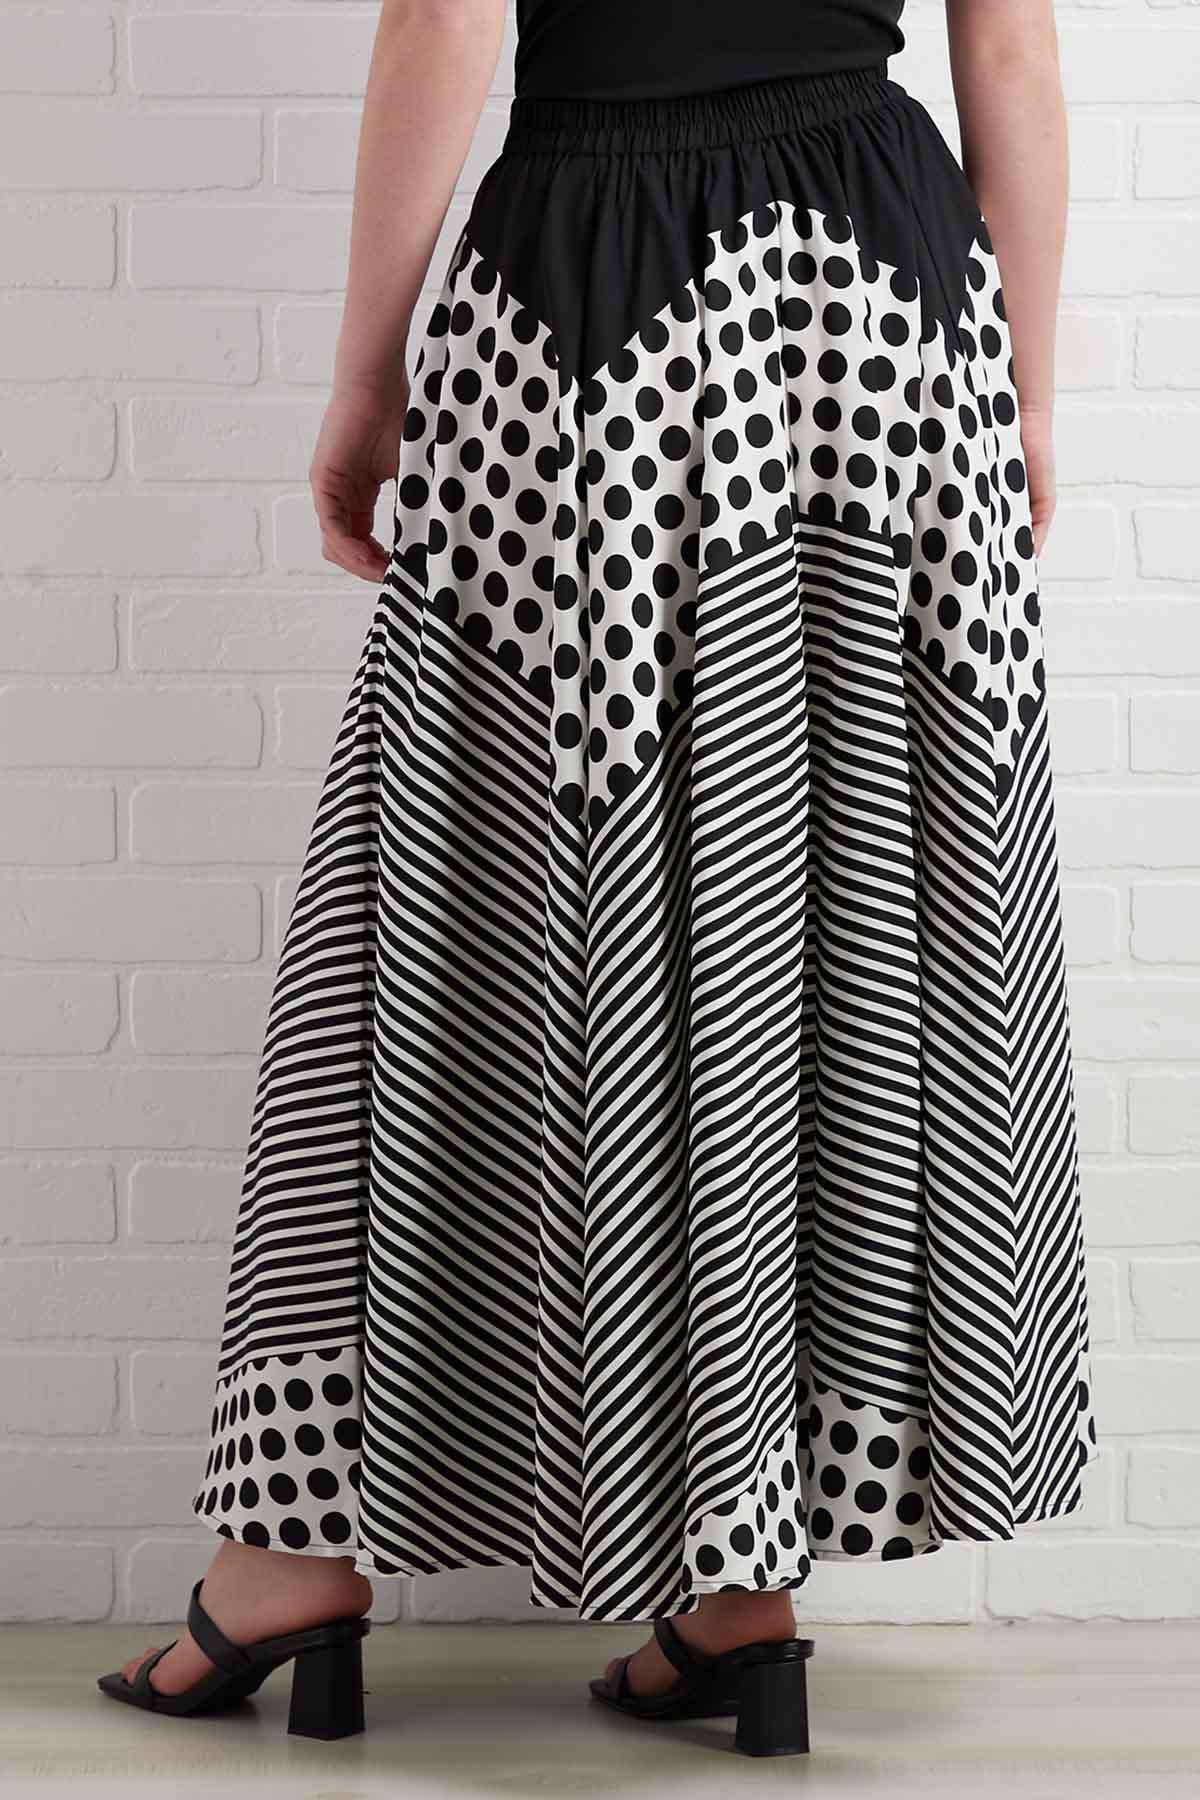 Dot Your Love Skirt